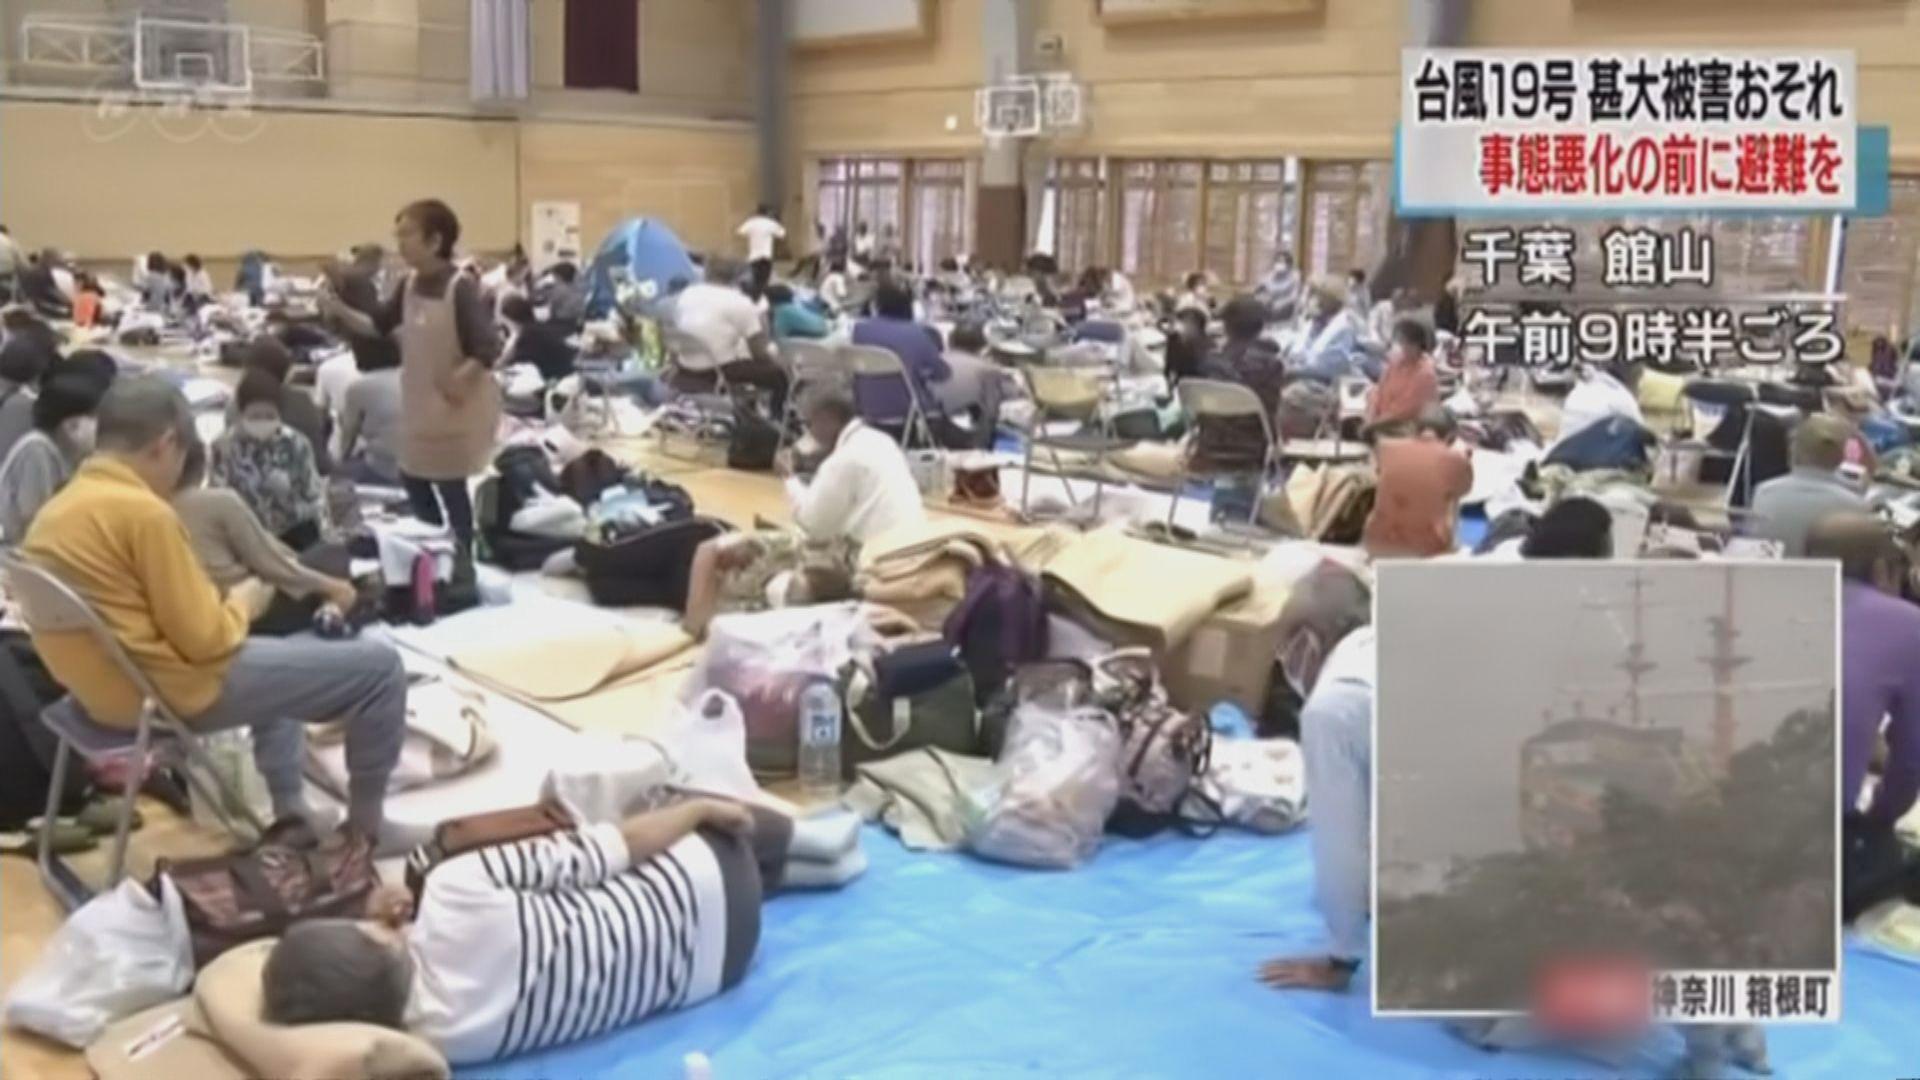 海貝思登陸日本伊豆半島 東京都交通癱瘓